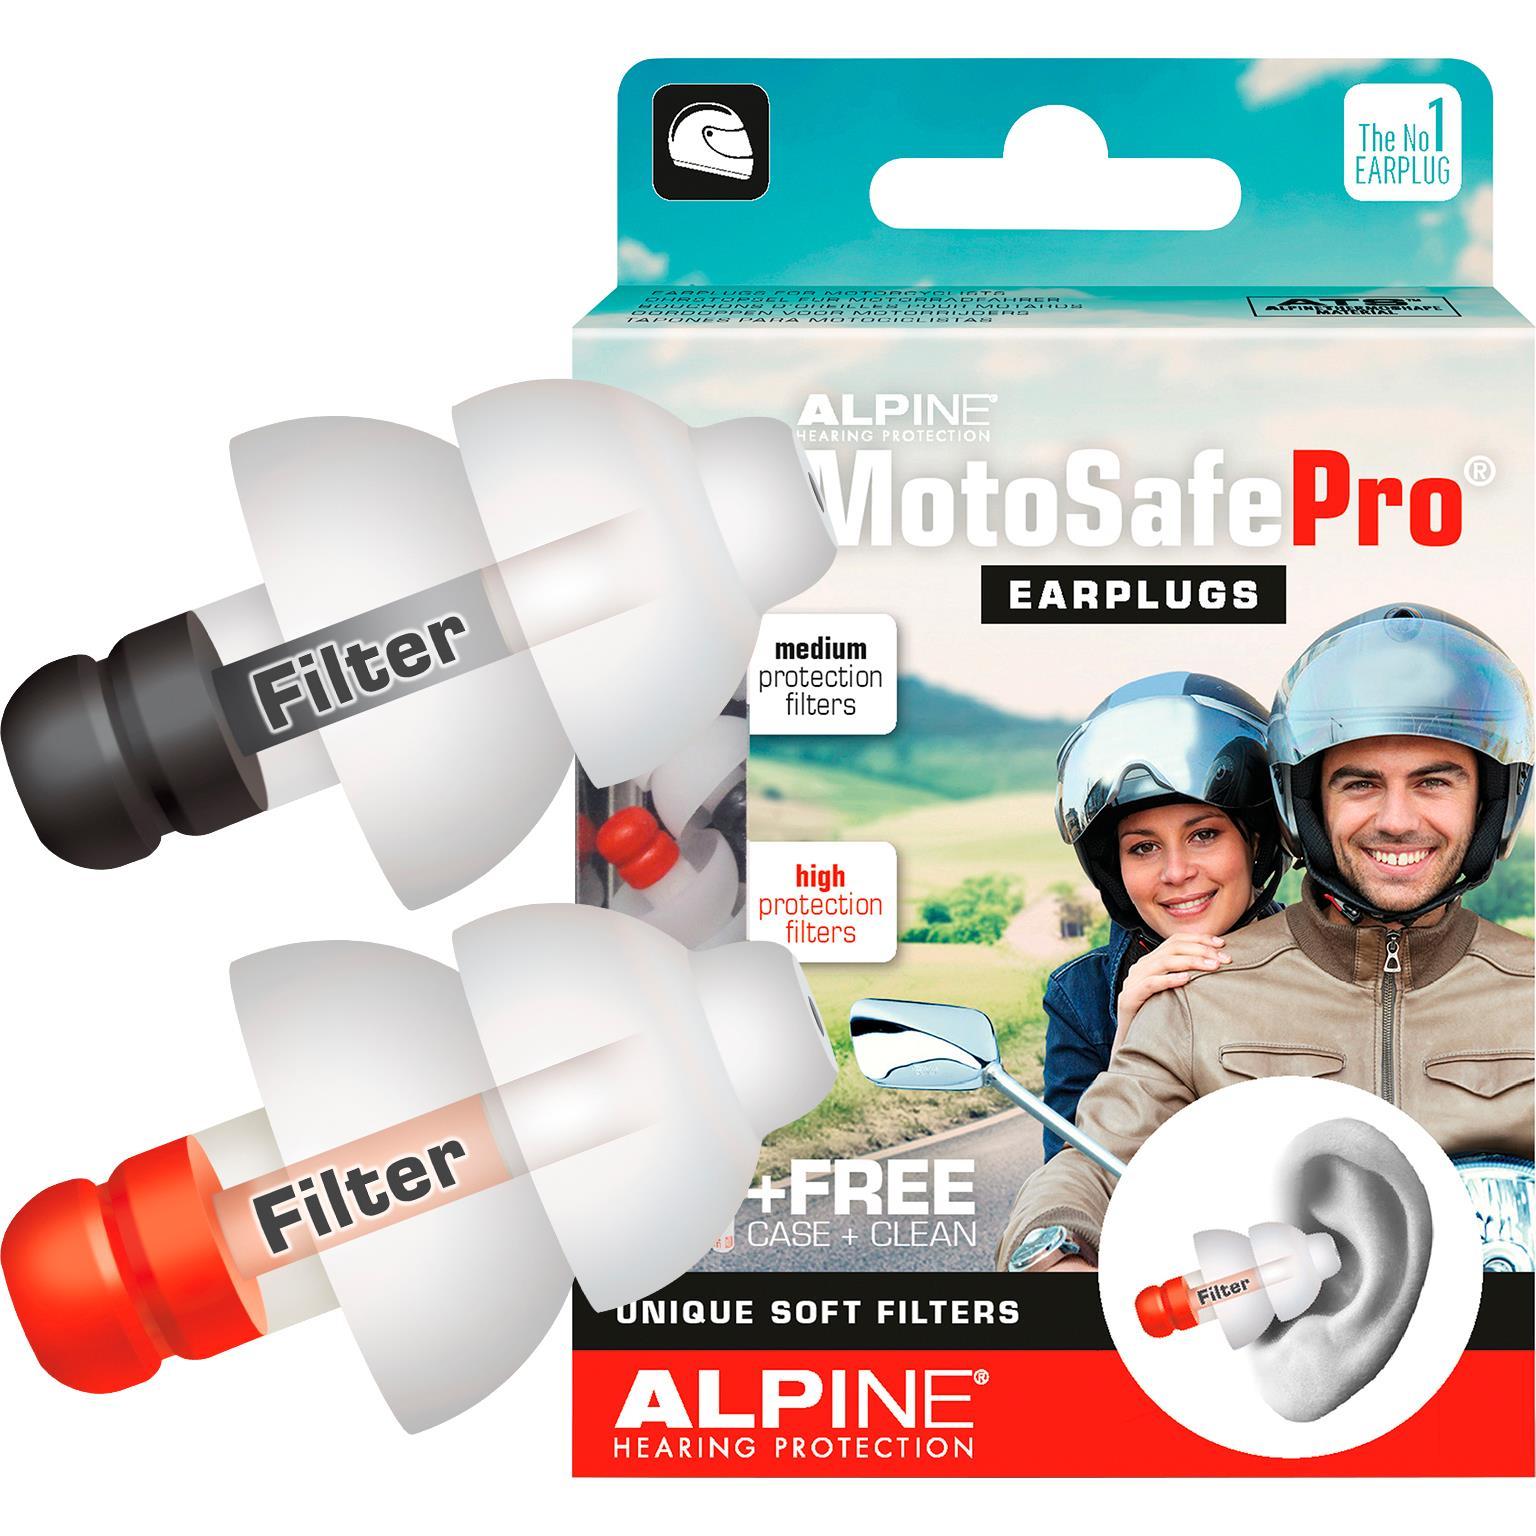 Image of Alpine Motosafe Pro